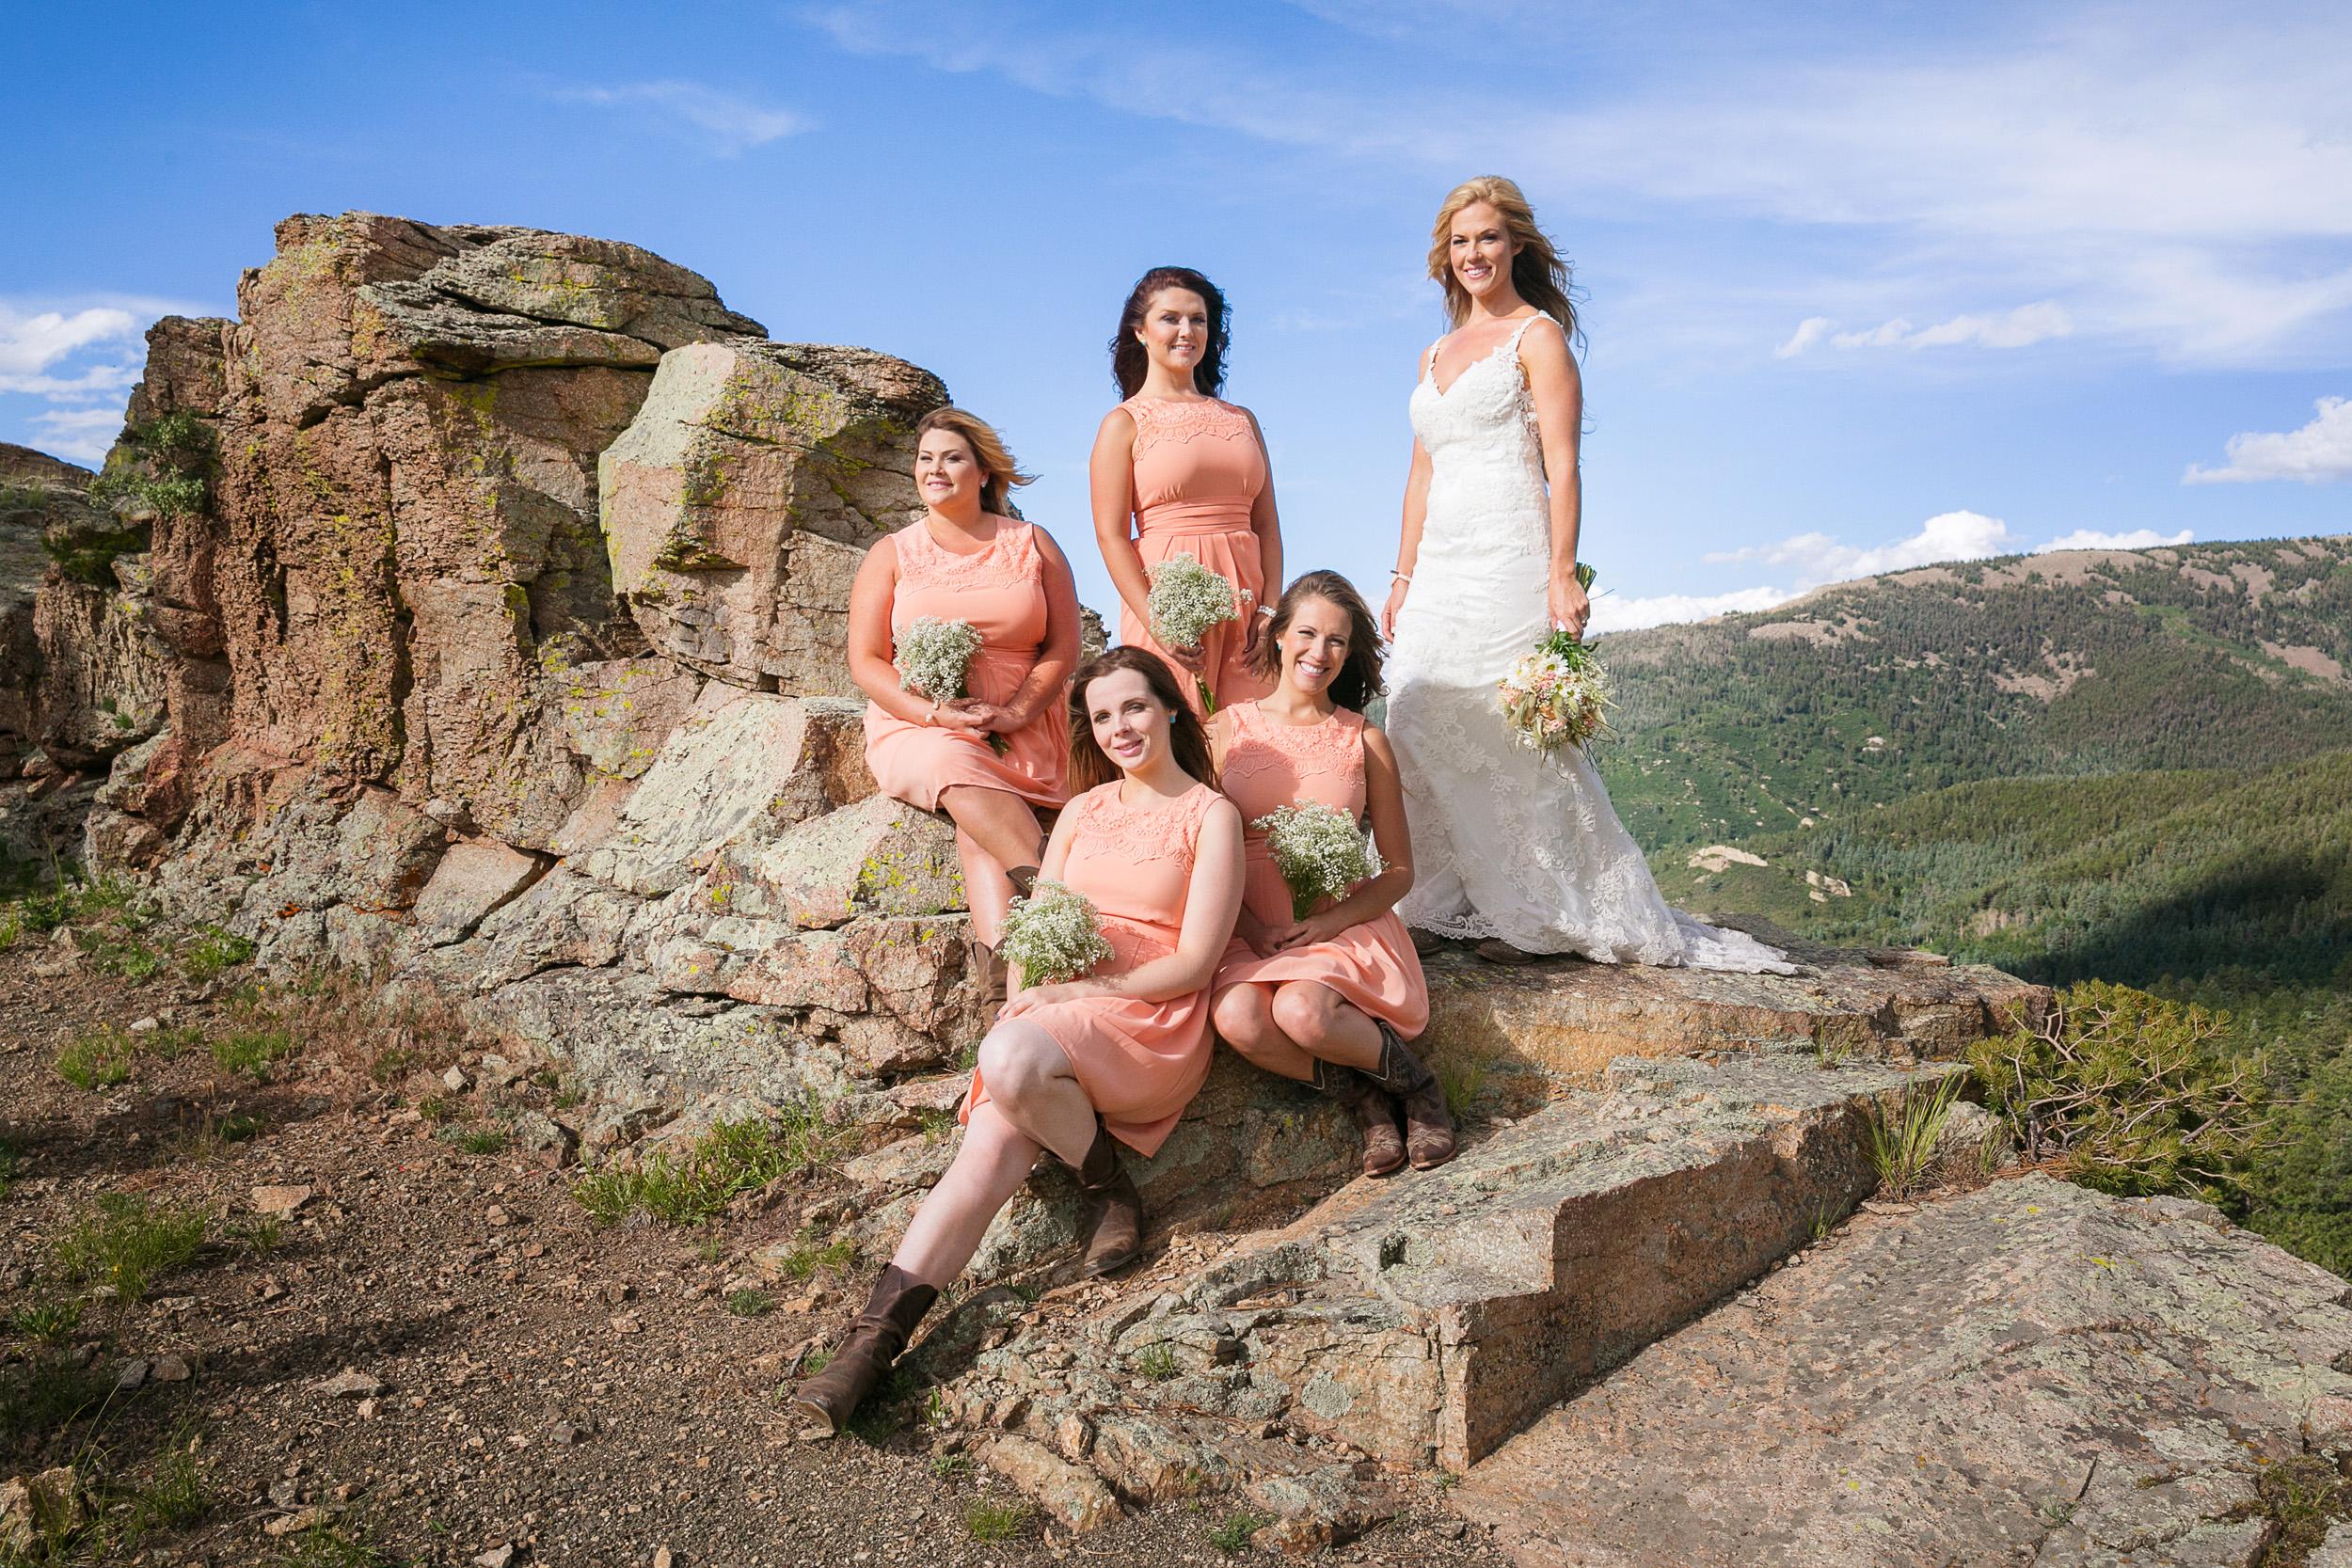 Colorado-Mountain-Ranch-Wedding-047.jpg